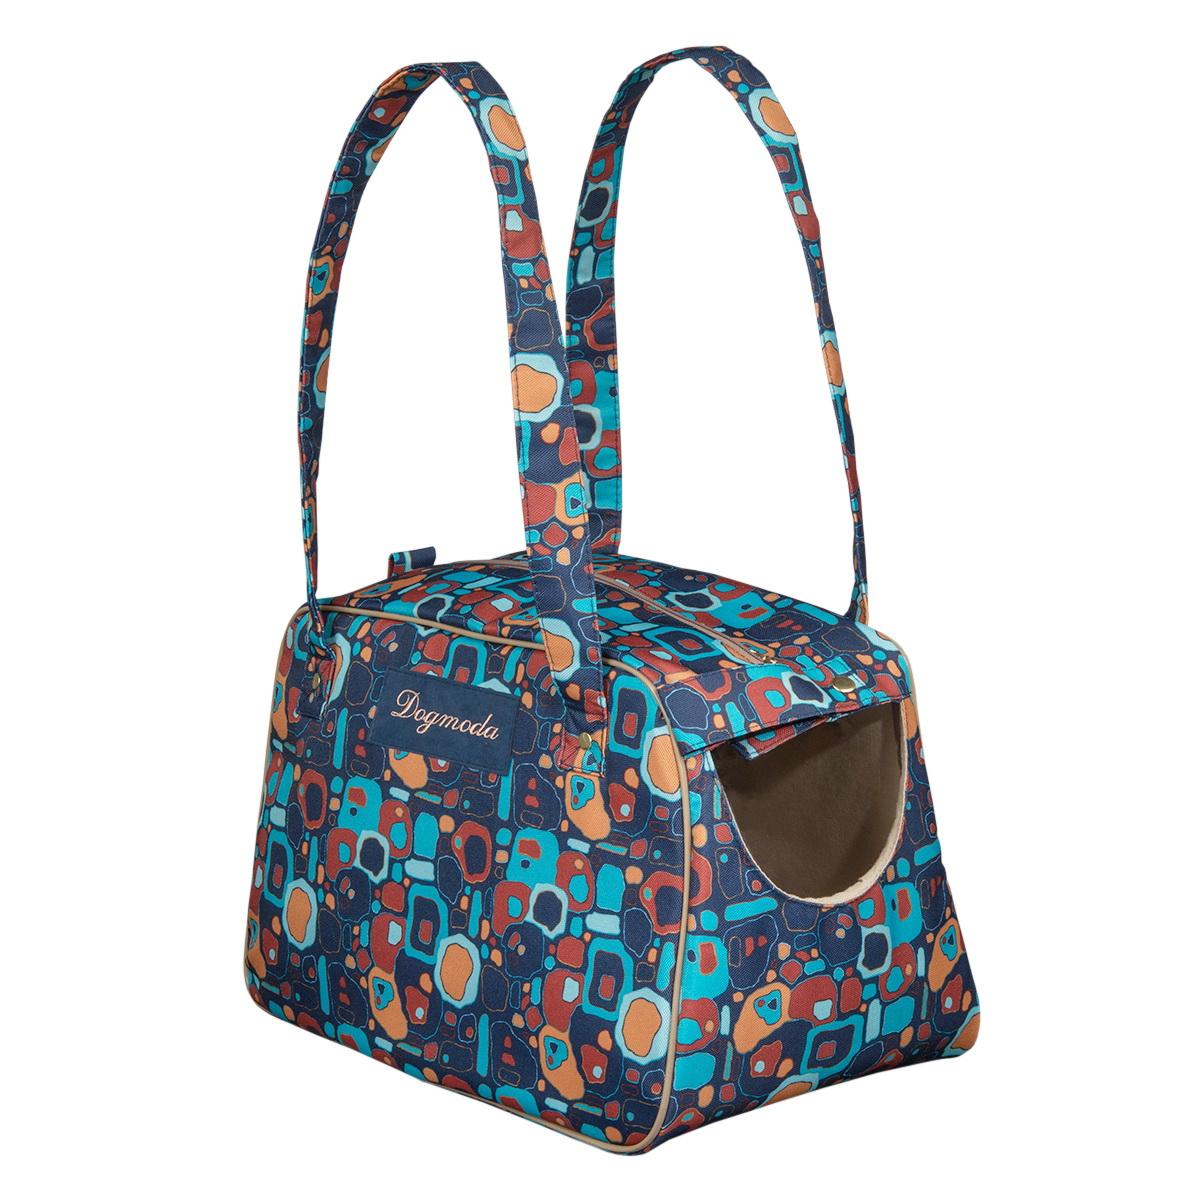 Сумка-переноска для животных Dogmoda Сити, 44 х 23 х 30 смDM-160246Сумка-переноска Dogmoda Сити станет стильным аксессуаром для вас и надежным убежищем во время прогулок и путешествий для вашего питомца. Сумка выполнена из специальной плотной сумочной ткани яркой расцветки. Модель вместительная, практичная и красивая. Такая сумка позволит брать питомца с собой куда угодно. Вашему четвероногому другу будет тепло и комфортно. А через удобное окошечко он сможет наблюдать по дороге за всем, что происходит вокруг. Модель застегивается на молнию и дополнительно хлястиком на кнопку. Предназначена для собак мелких пород, кошек и других животных небольшого размера. Сумка-переноска будет радовать удобством вашего любимца, а стильный внешний вид подчеркнет вашу индивидуальность.